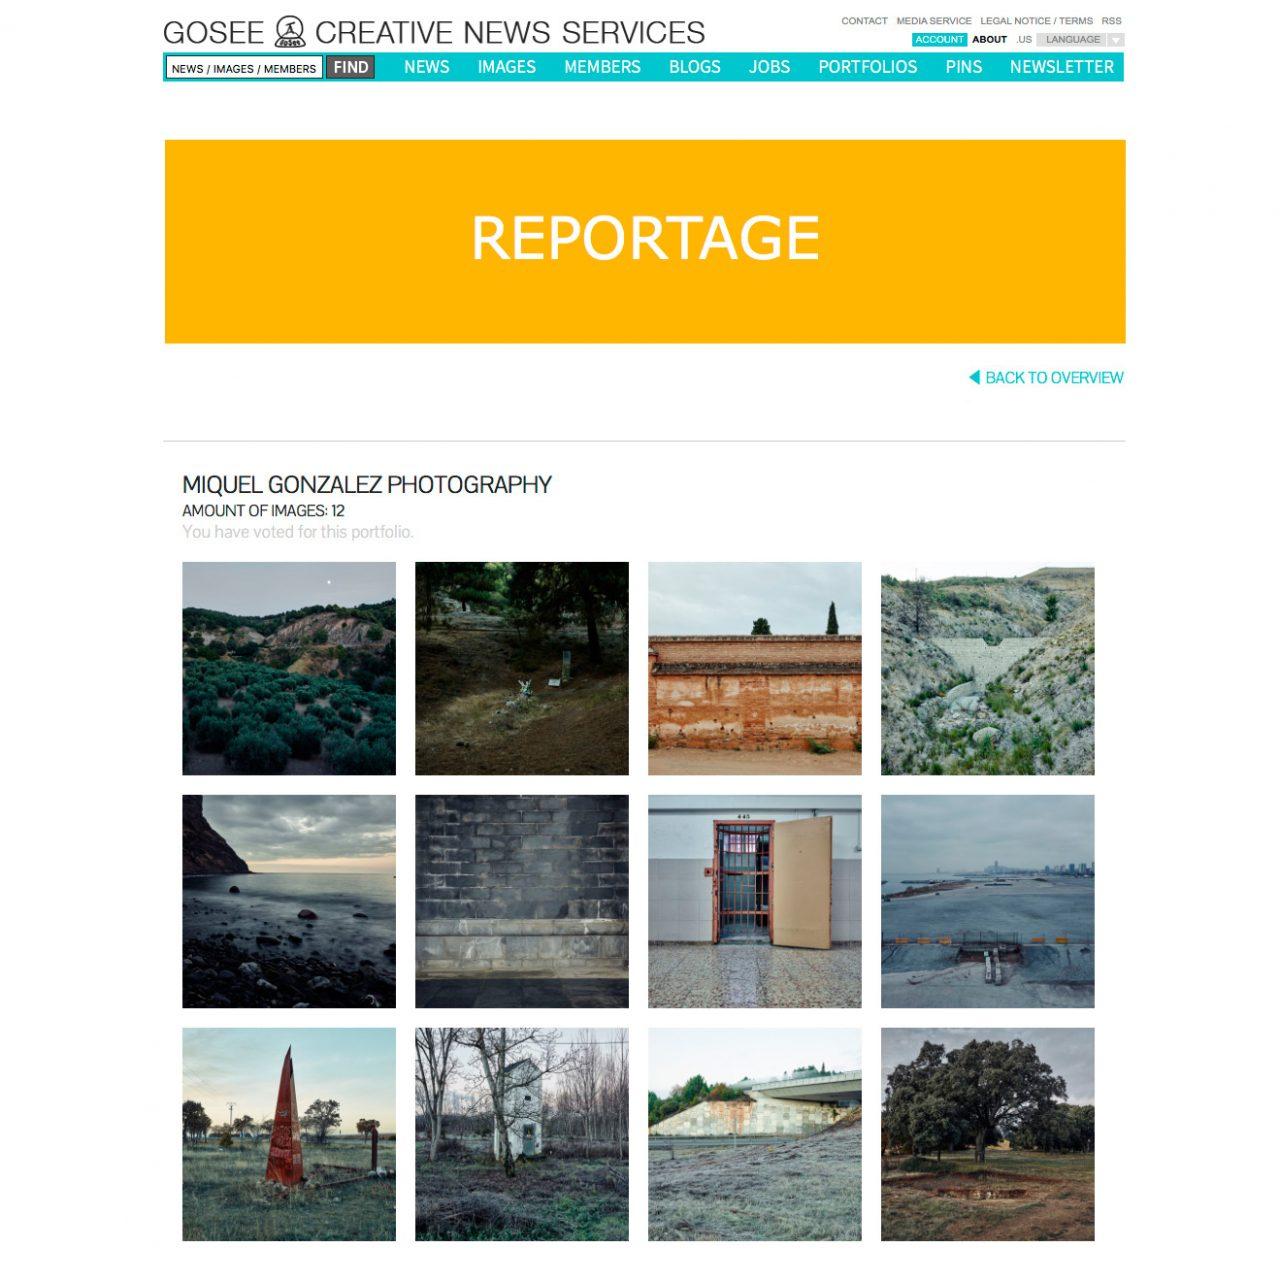 gosee-award-2017-reportage